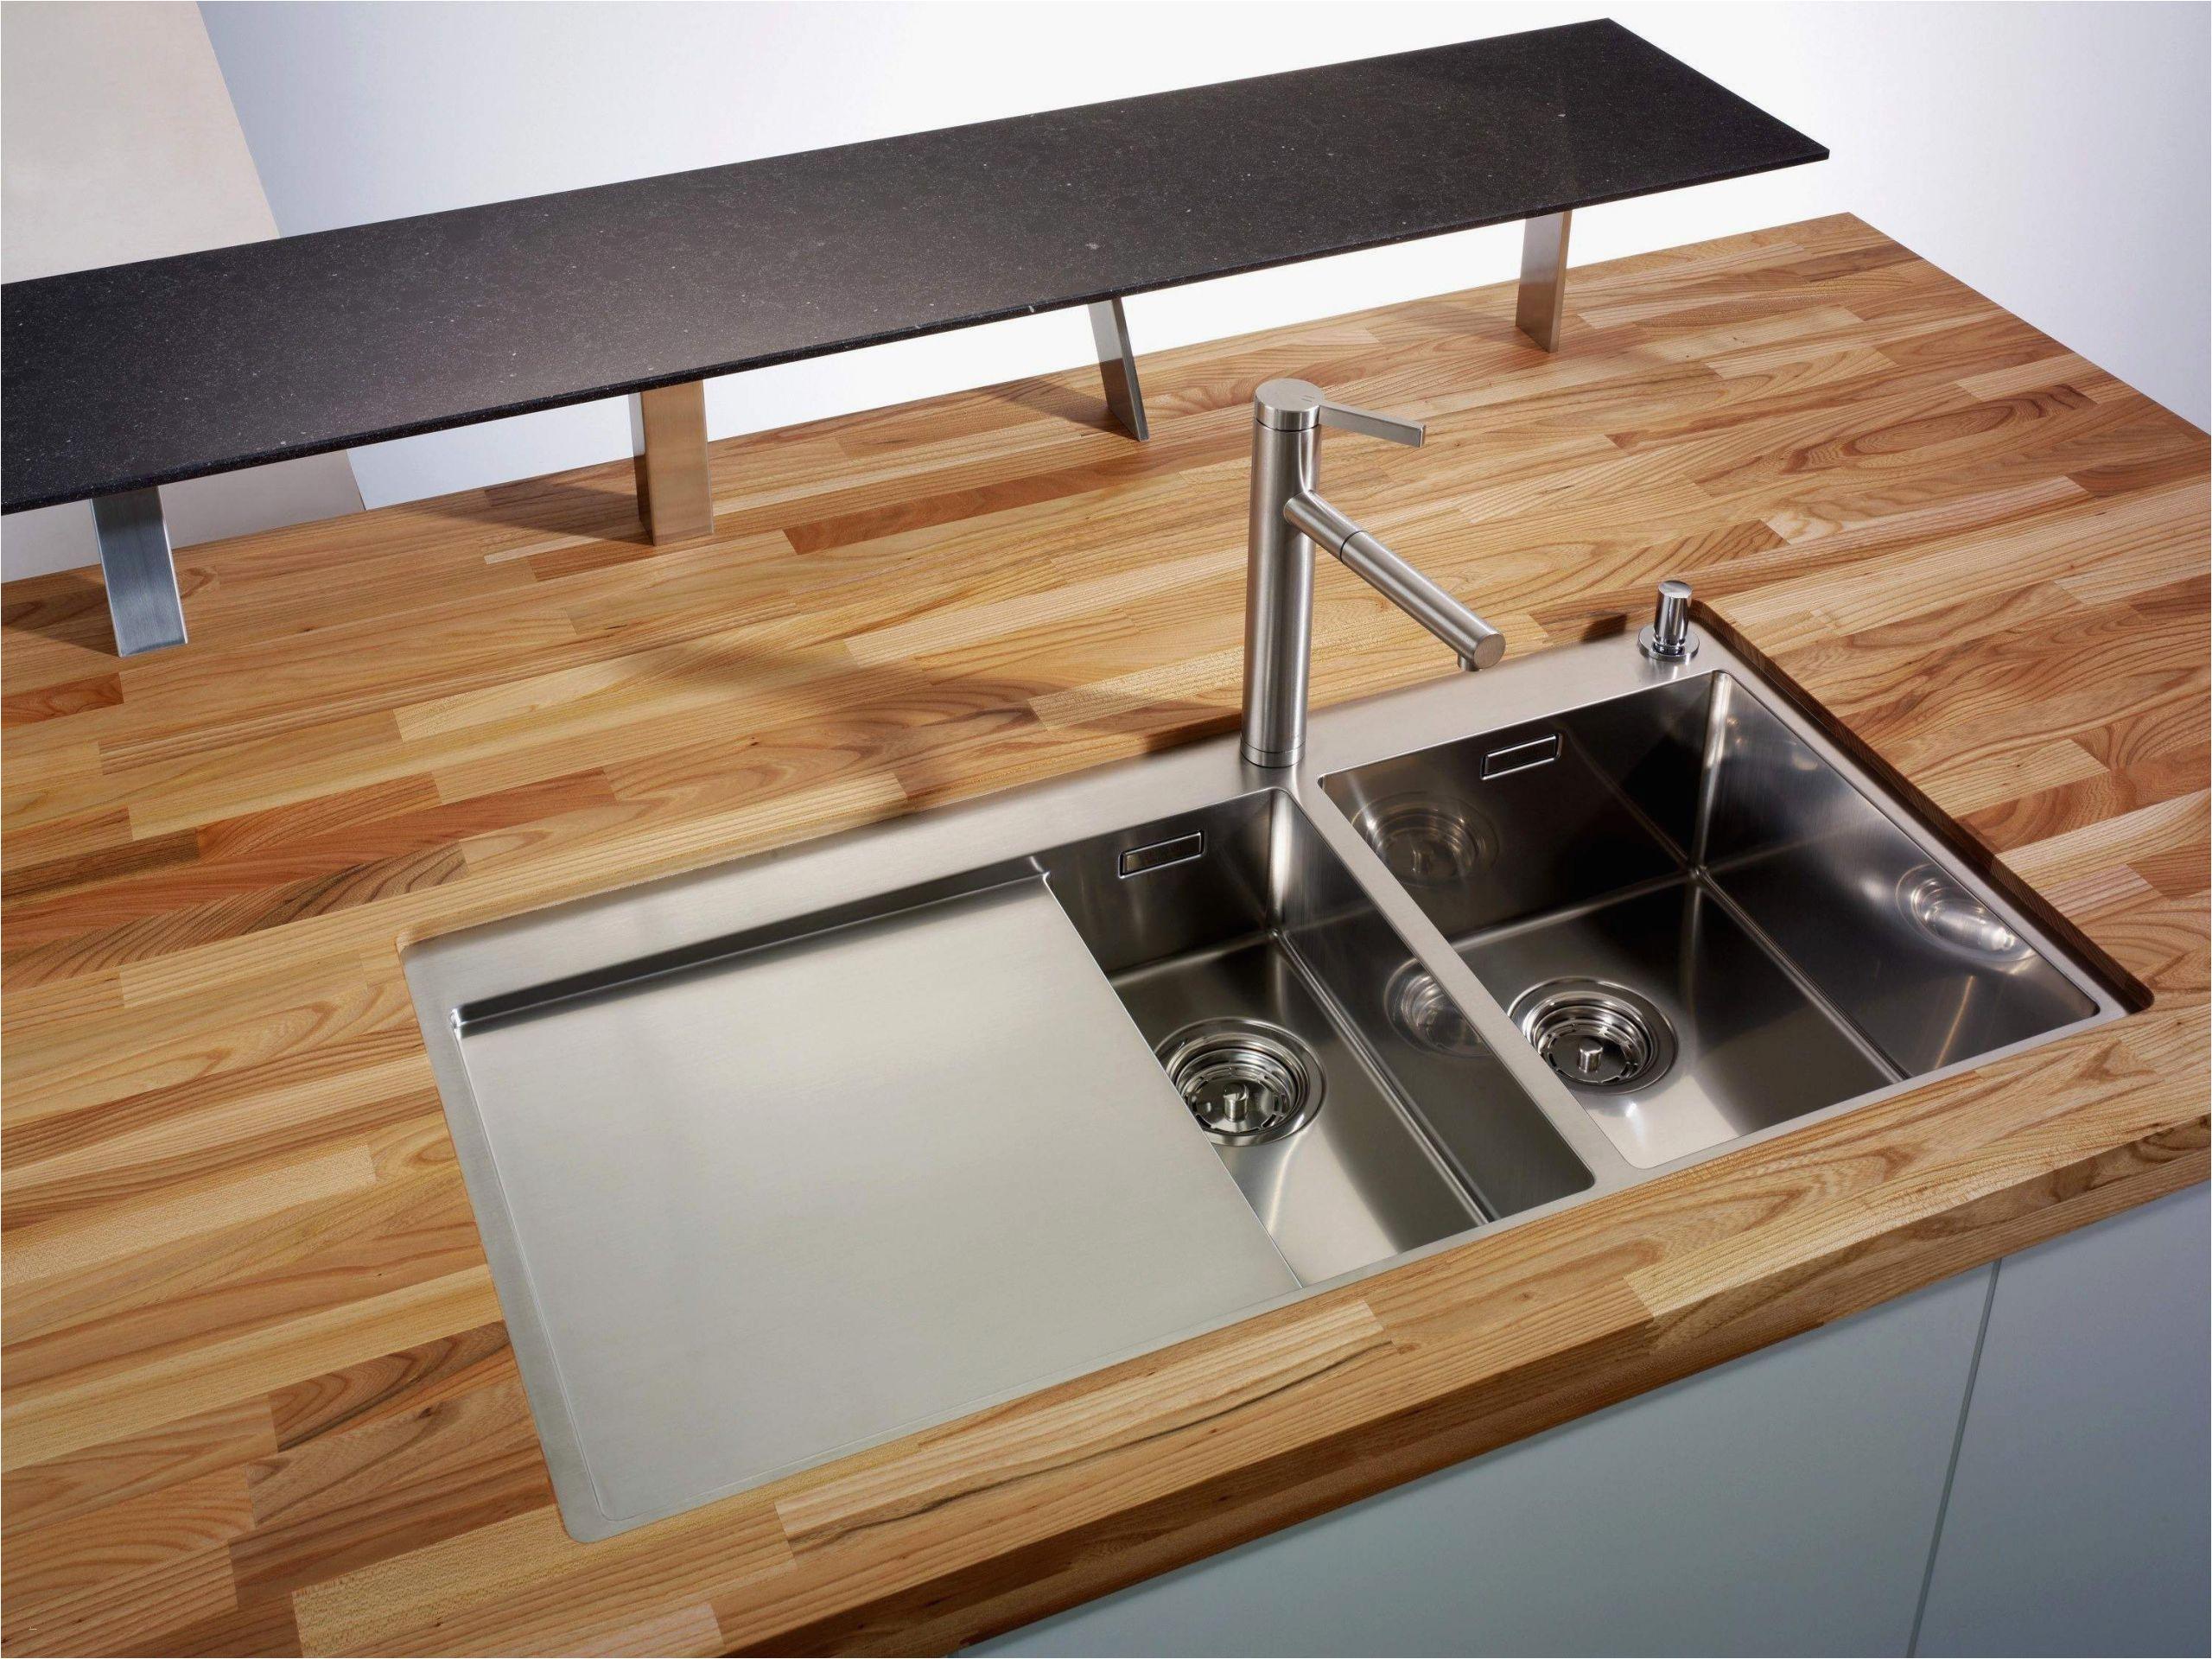 kuche esszimmer wohnzimmer in einem raum das beste von 21 schon wohn esszimmer kuche ideen wandfarbe grau of kuche esszimmer wohnzimmer in einem raum scaled